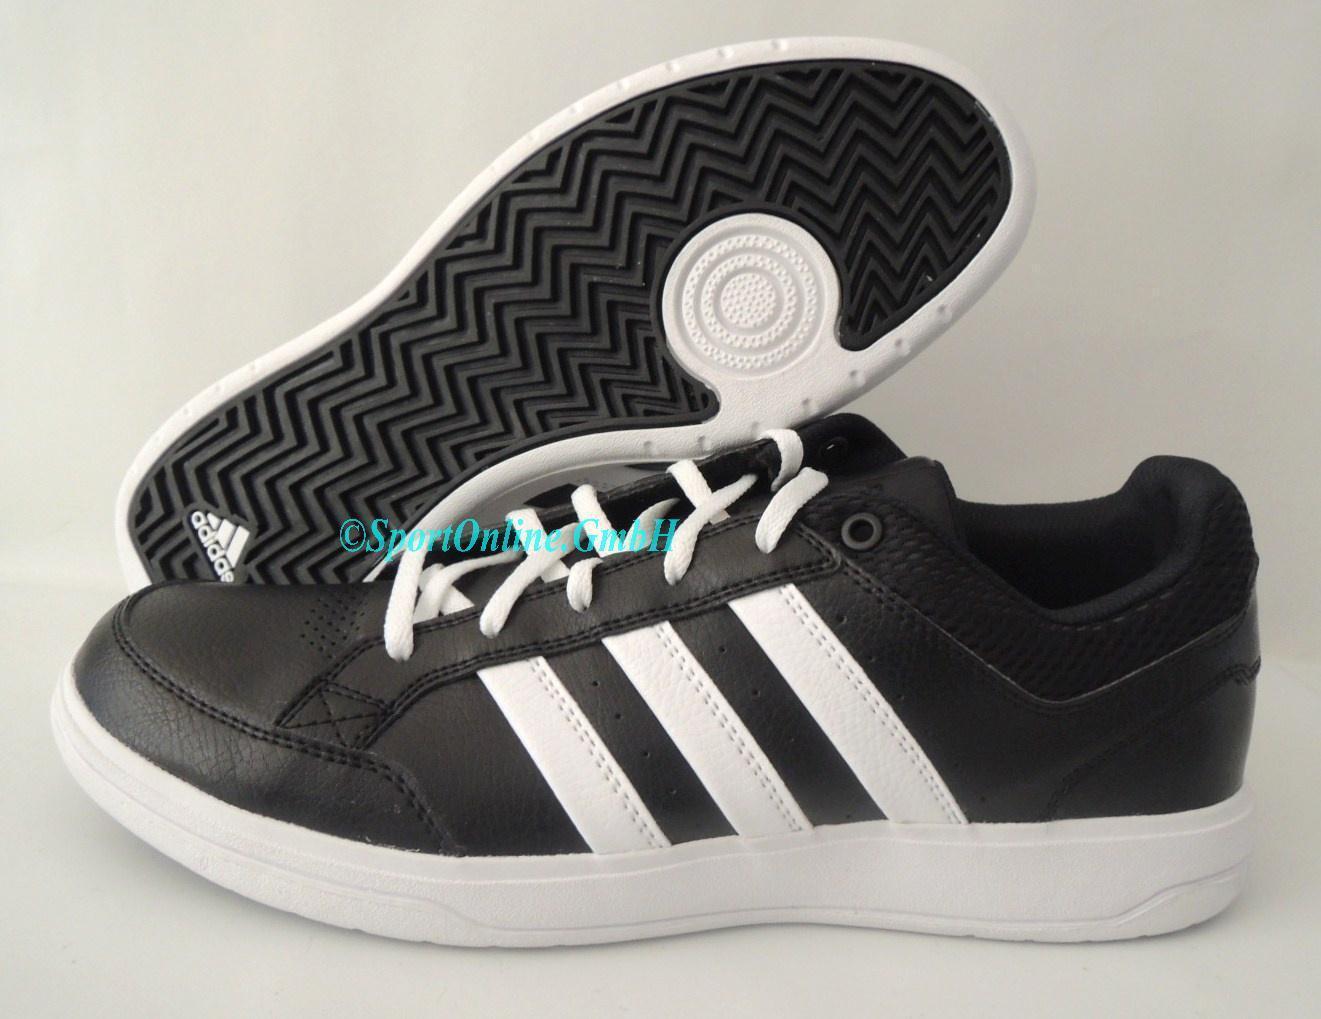 NEU adidas Oracle VI STR Men Größe 44 Schuhe Sneaker Freizeit Sport G95164